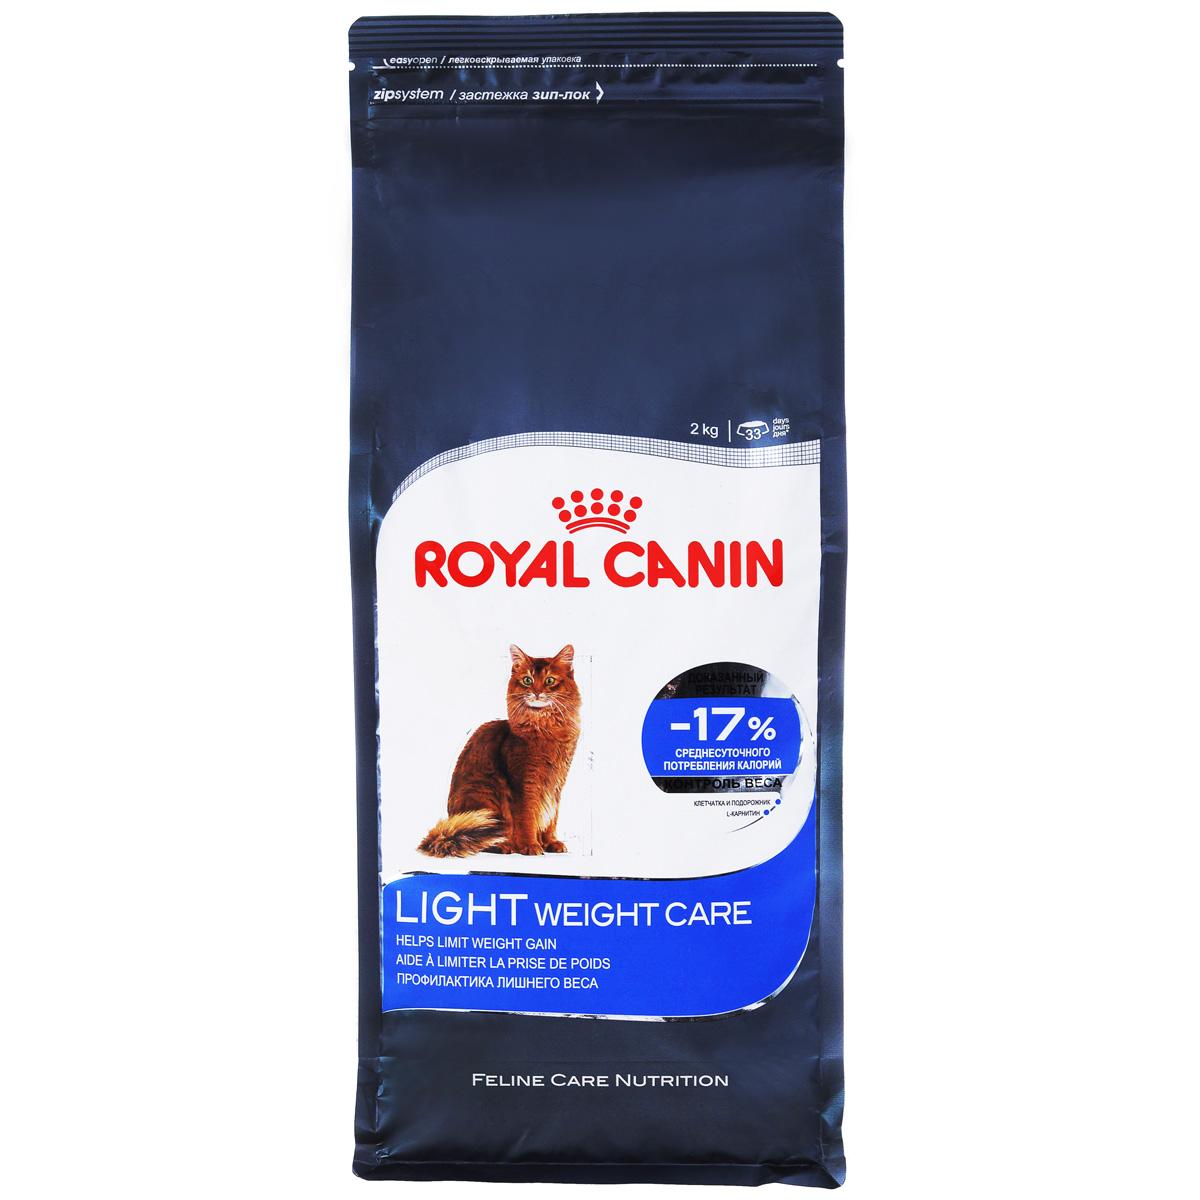 Корм сухой Royal Canin Light Weight Care, для взрослых кошек в целях профилактики избыточного веса, 2 кг48814Сухой корм Royal Canin Light Weight Care является полнорационным сбалансированным кормом для взрослых кошек, склонных к избыточному весу. Содержание клетчатки и подорожника позволяет на 17% снизить калории, получаемые кошкой, при этом полностью удовлетворяя ее аппетит. Высокое содержание белка помогает сохранять мышечную массу, а L-карнитин способствует сжиганию жиров.Состав: изолят растительных белков, дегидратированные белки животного происхождения (птица), злаки, растительная клетчатка, рис, гидролизат белков животного происхождения, животные жиры, минеральные вещества, свекольный жом, дрожжи, рыбий жир, оболочки и семена подорожника 0,5%, соевое масло.Добавки в 1 кг: витамин А 19100 МЕ, витамин D3 700 МЕ, железо 32 мг, йод 3,2 мг, марганец 42 мг, цинк 126 мг, селен 0,05 мг, L-карнитин 210 мг, сорбат калия, пропилгаллат, БГА.Содержание питательных веществ: белки 40%, жиры 10%, минеральные вещества 7,4%, клетчатка пищевая 8,4%, общая клетчатка 15,8%, медь 15 мг/кг.Товар сертифицирован.